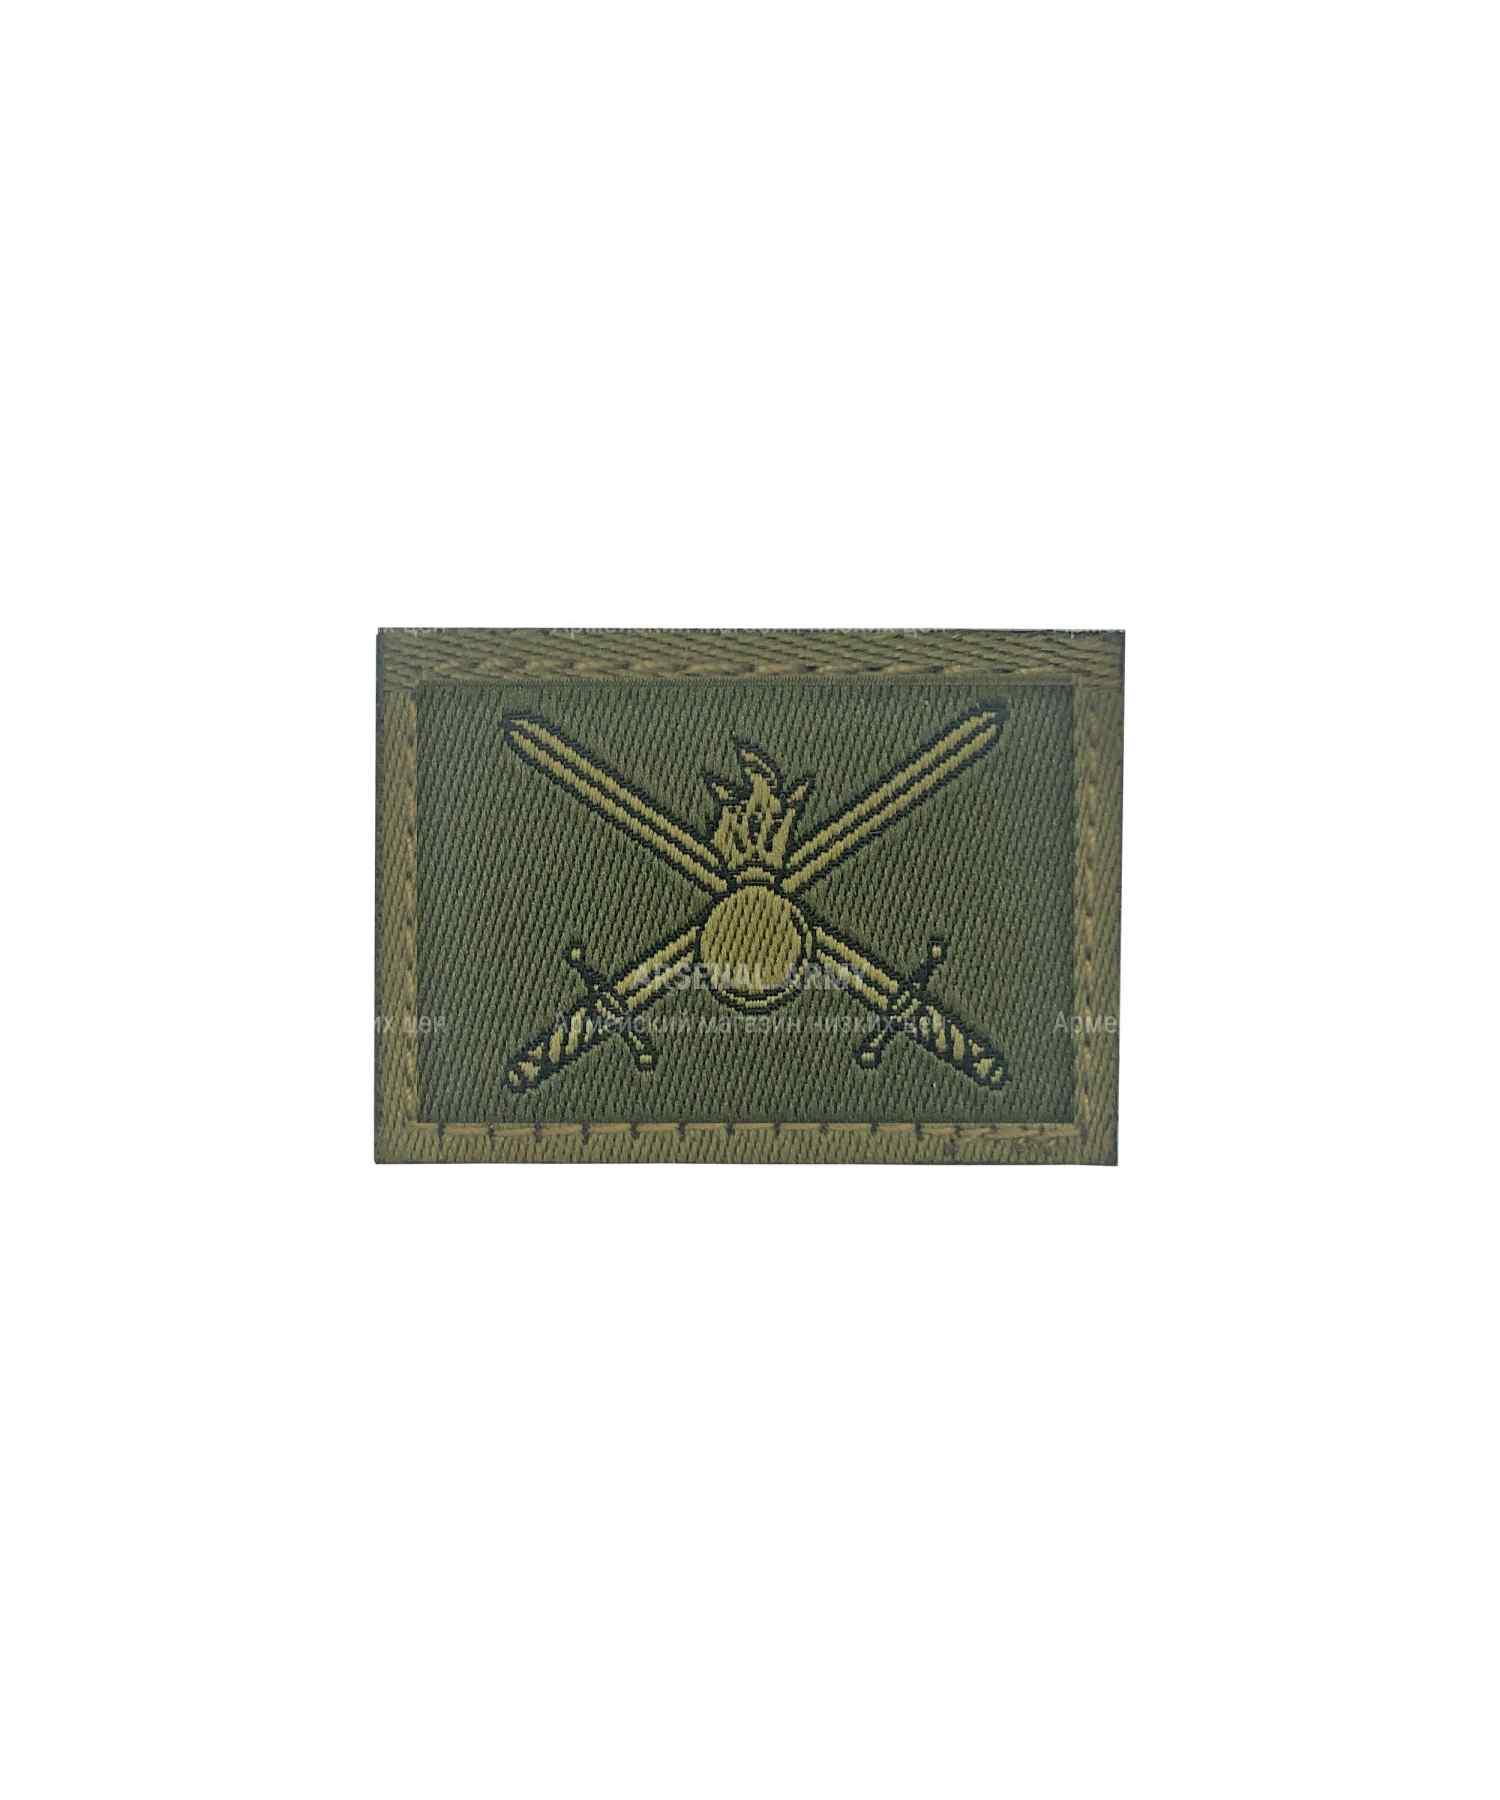 Эмблема сухопутные войска на липе зеленая